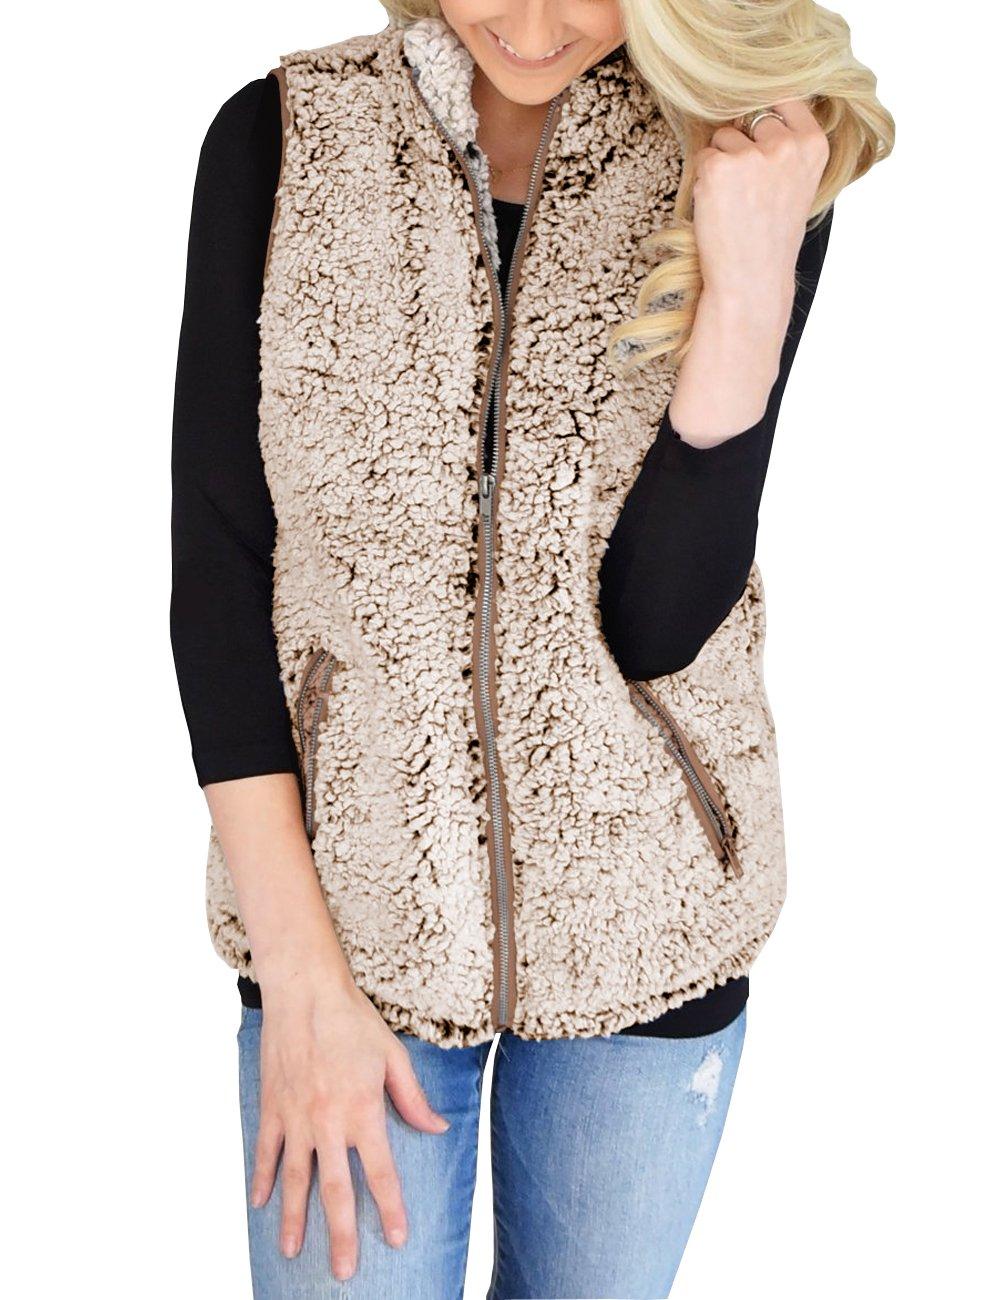 MEROKEETY Women's Casual Sherpa Fleece Lightweight Fall Warm Zipper Vest Pockets